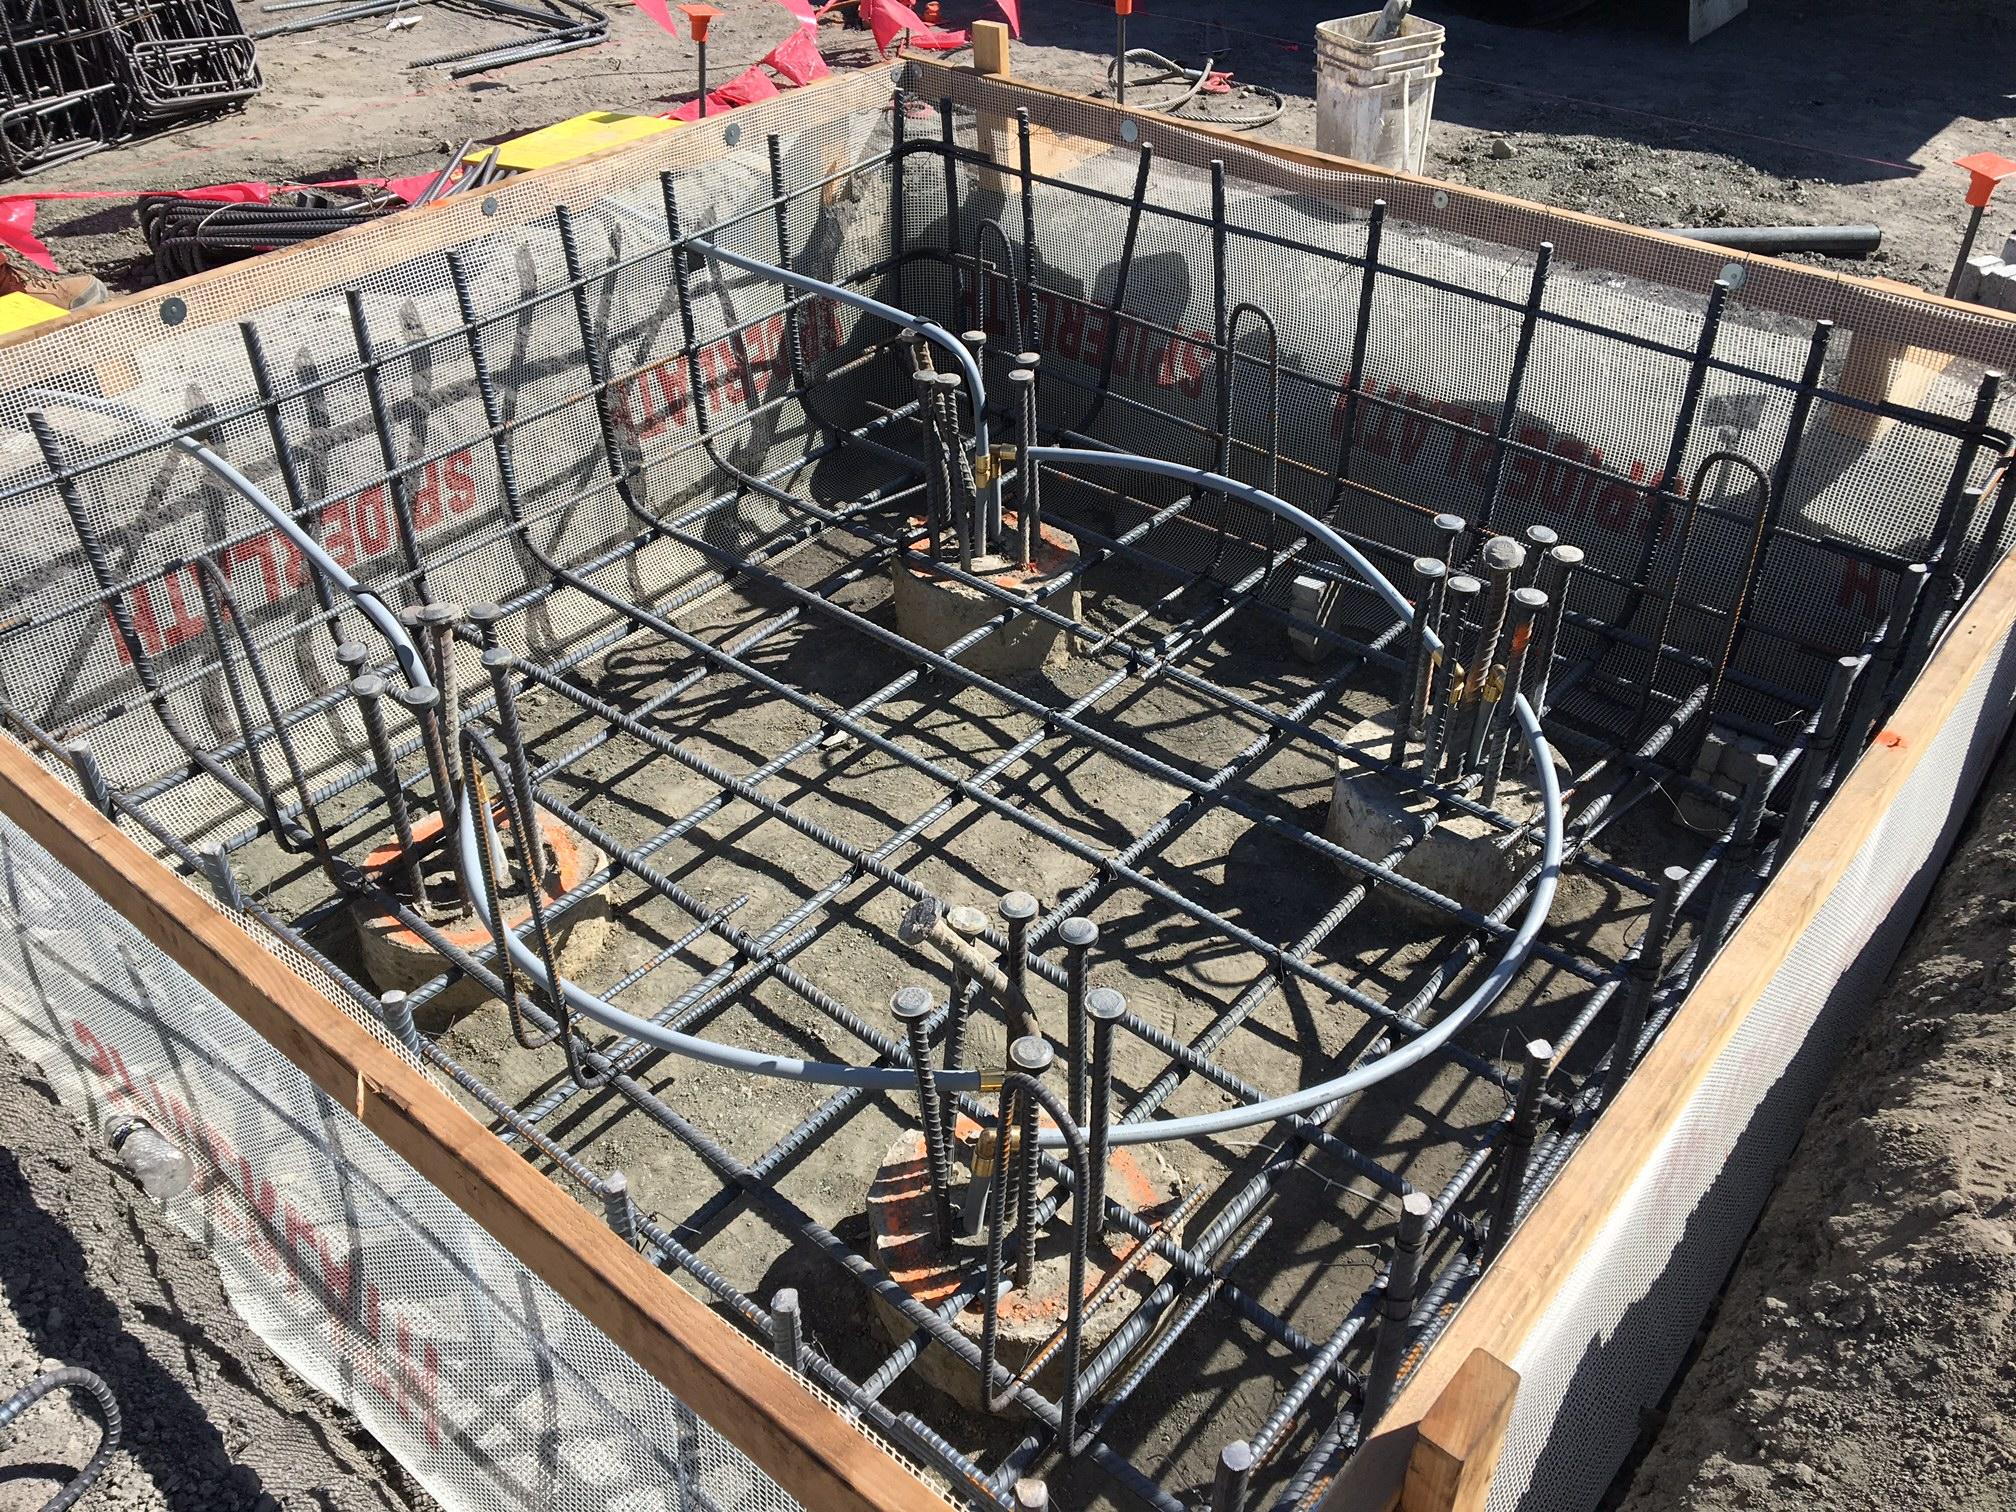 New Google building under construction at Moffett Field.